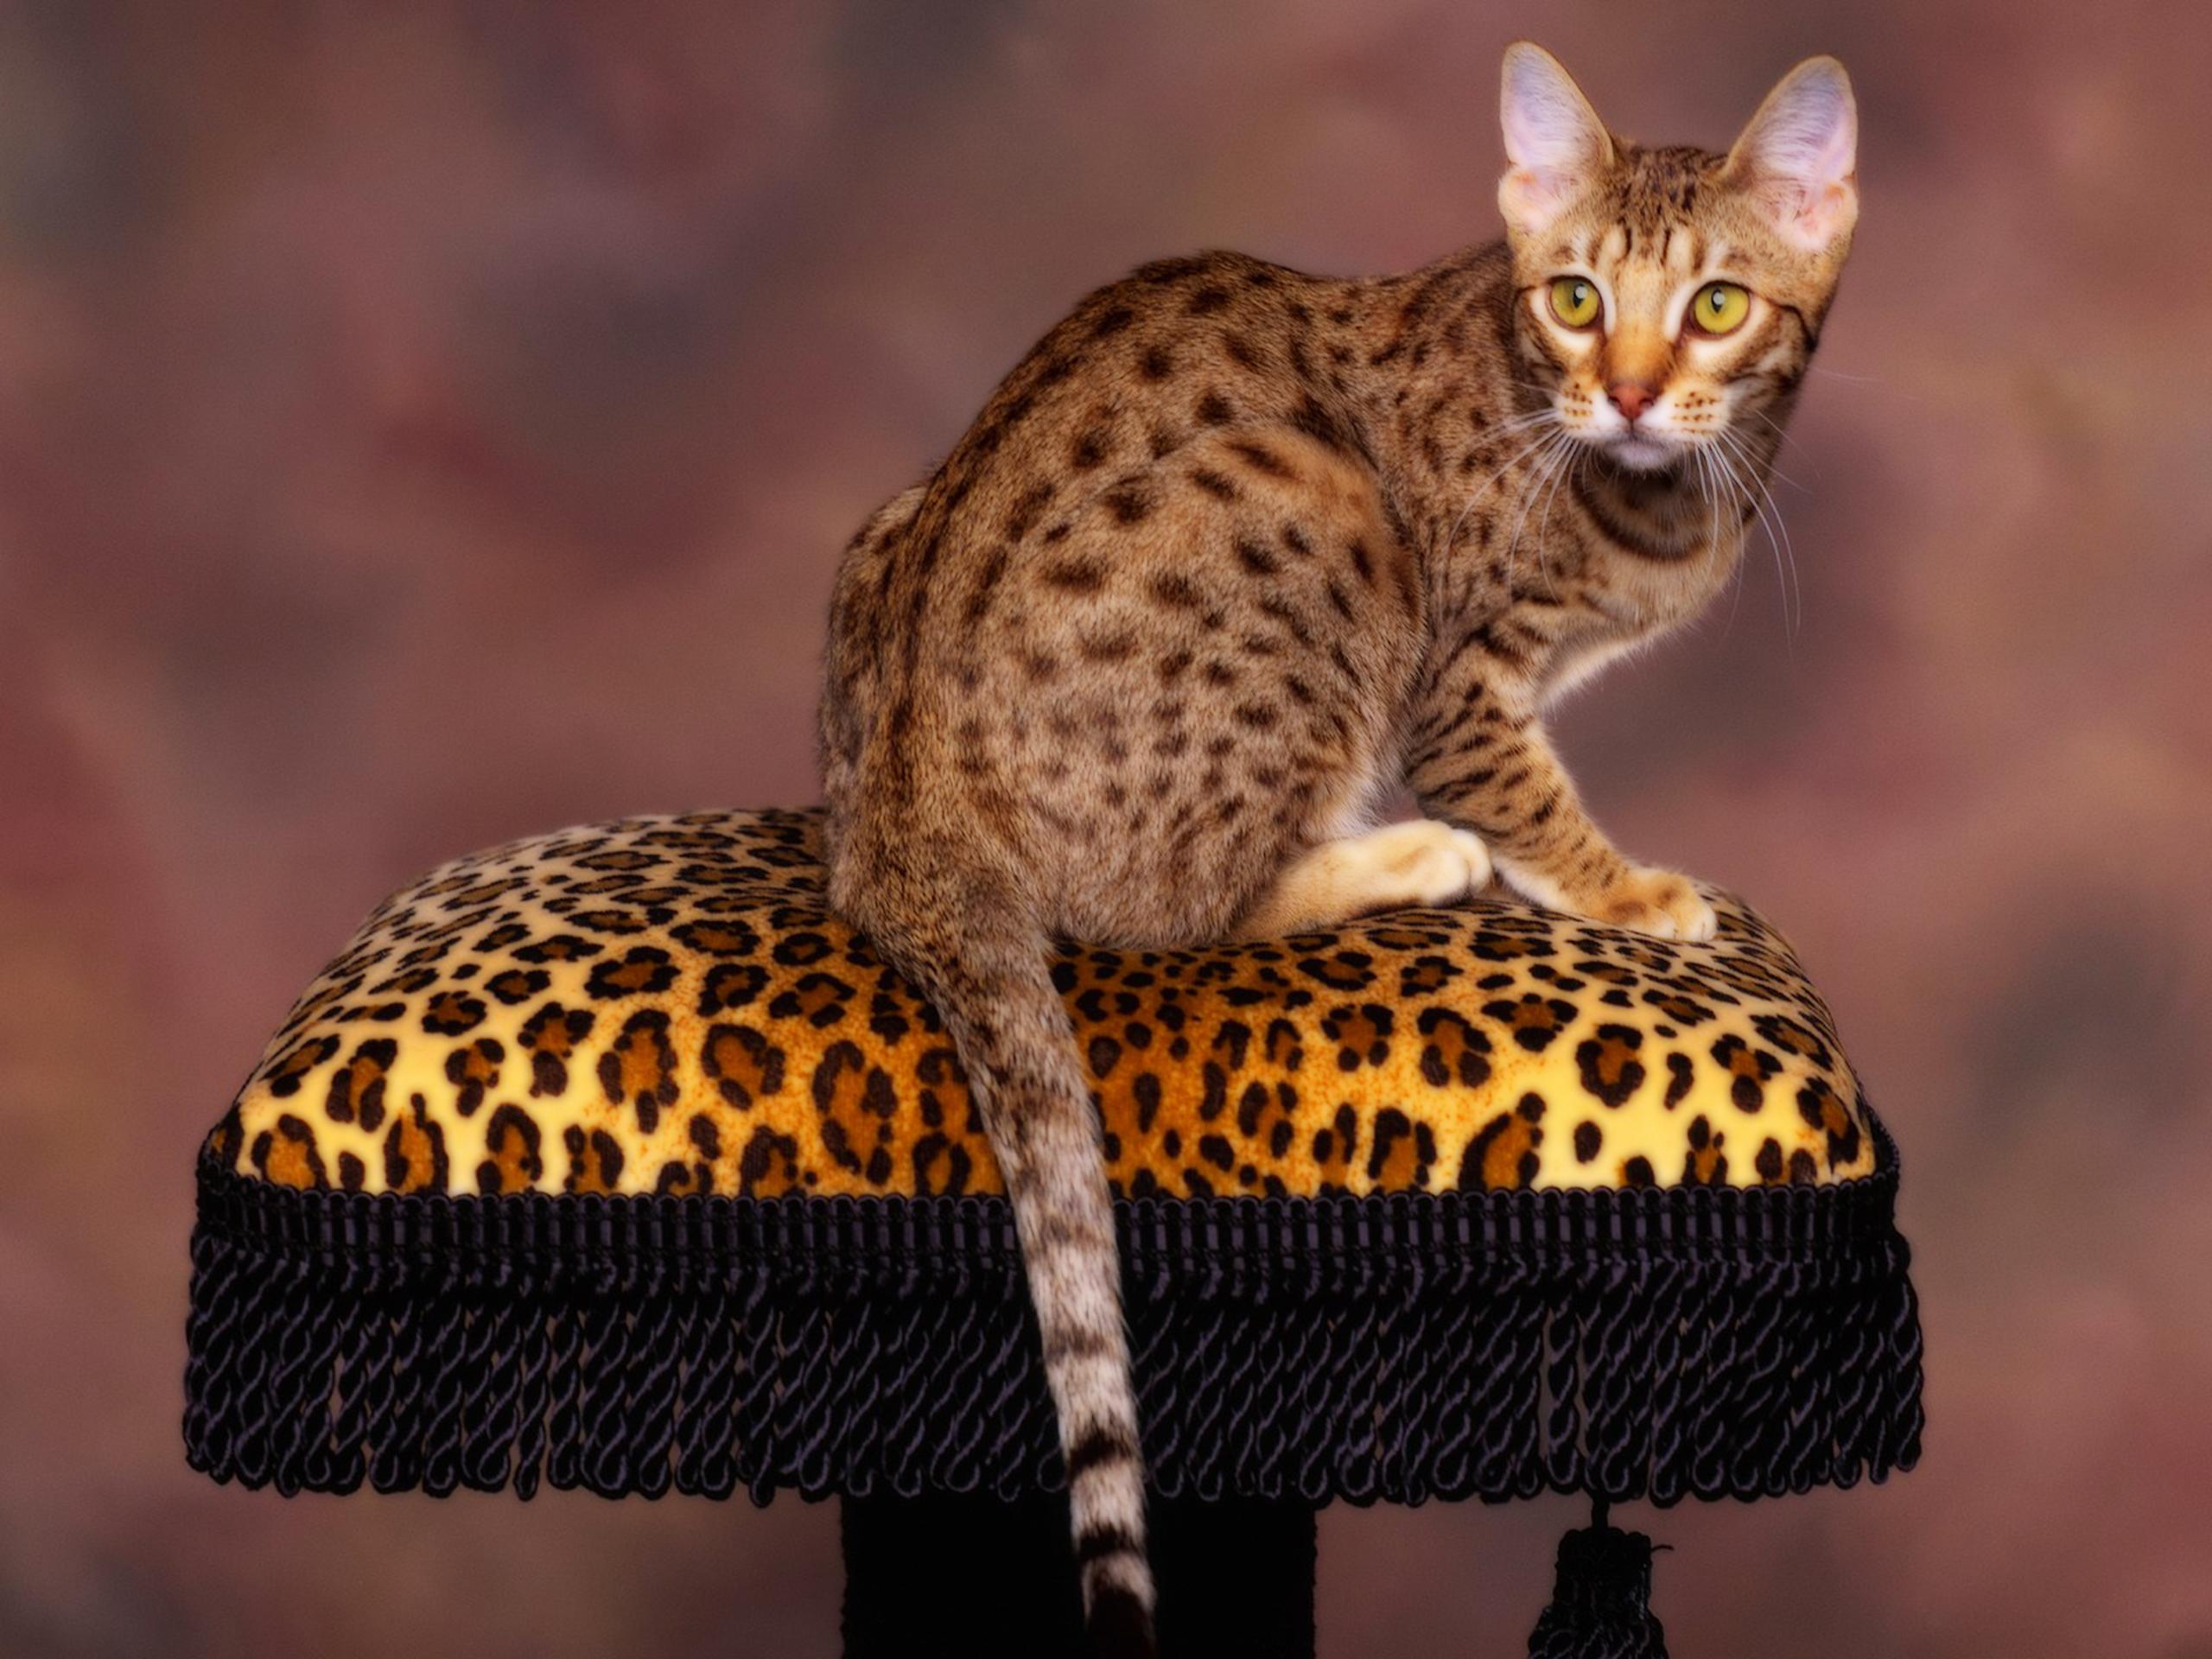 Оцикет - порода кошек, фото, видео, форум, отзывы, цена.